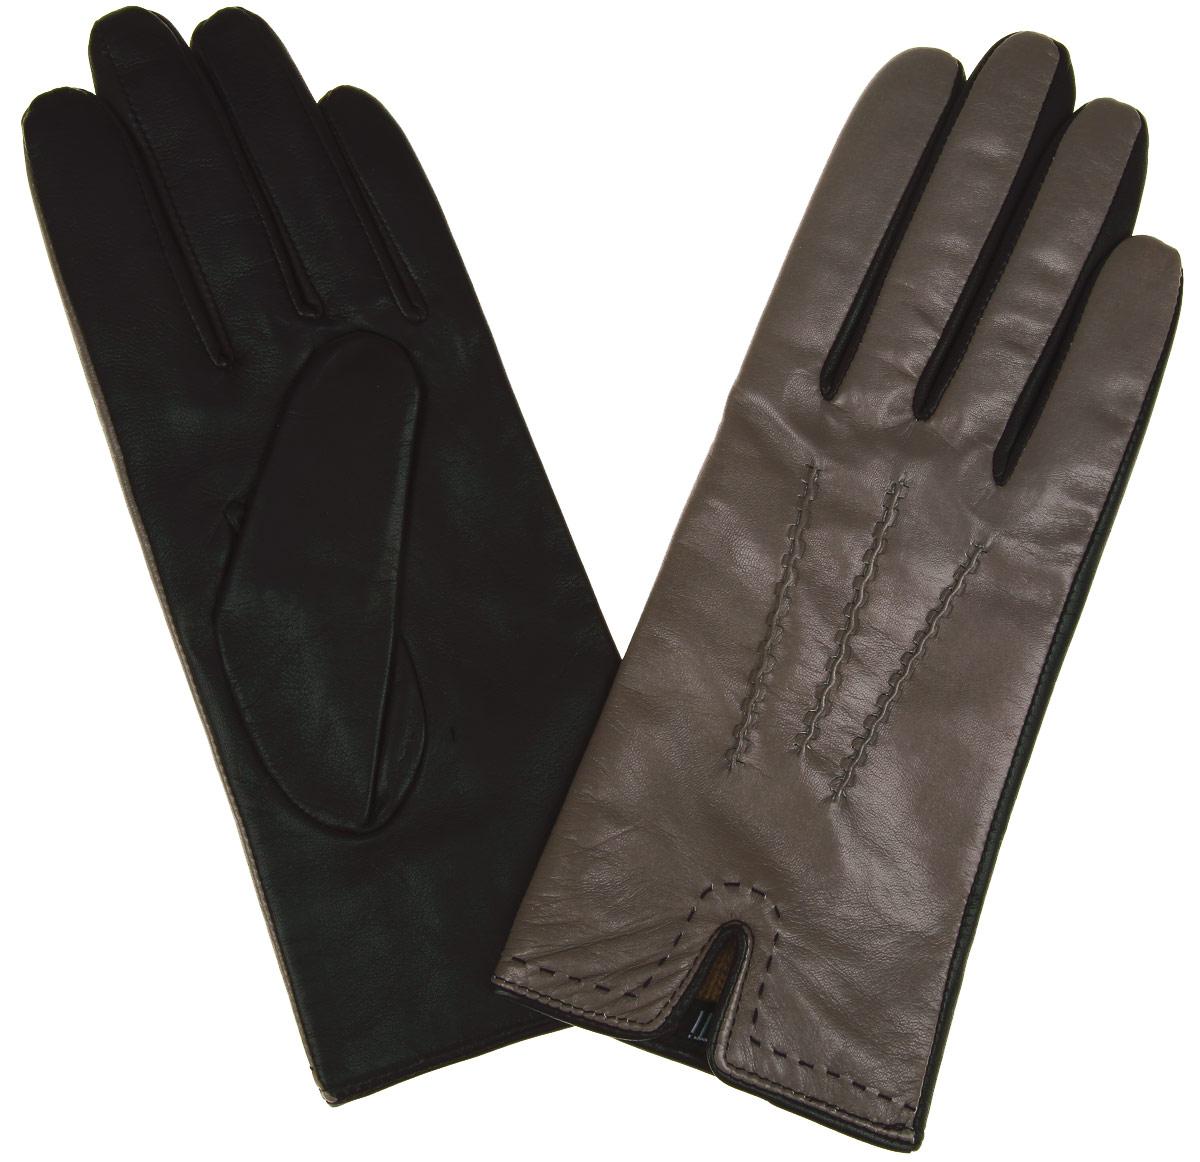 Перчатки женские Fabretti, цвет: серо-коричневый, темно-коричневый. 2.27-10. Размер 7,52.27-10Элегантные женские перчатки Fabretti станут великолепным дополнением вашего образа и защитят ваши руки от холода и ветра во время прогулок.Перчатки выполнены из эфиопской перчаточной кожи ягненка на подкладке из шерсти с добавлением кашемира, что позволяет им надежно сохранять тепло. Манжеты с внешней стороны дополнены разрезами. Модель оформлена декоративной прострочкой. Такие перчатки будут оригинальным завершающим штрихом в создании современного модного образа, они подчеркнут ваш изысканный вкус и станут незаменимым и практичным аксессуаром.